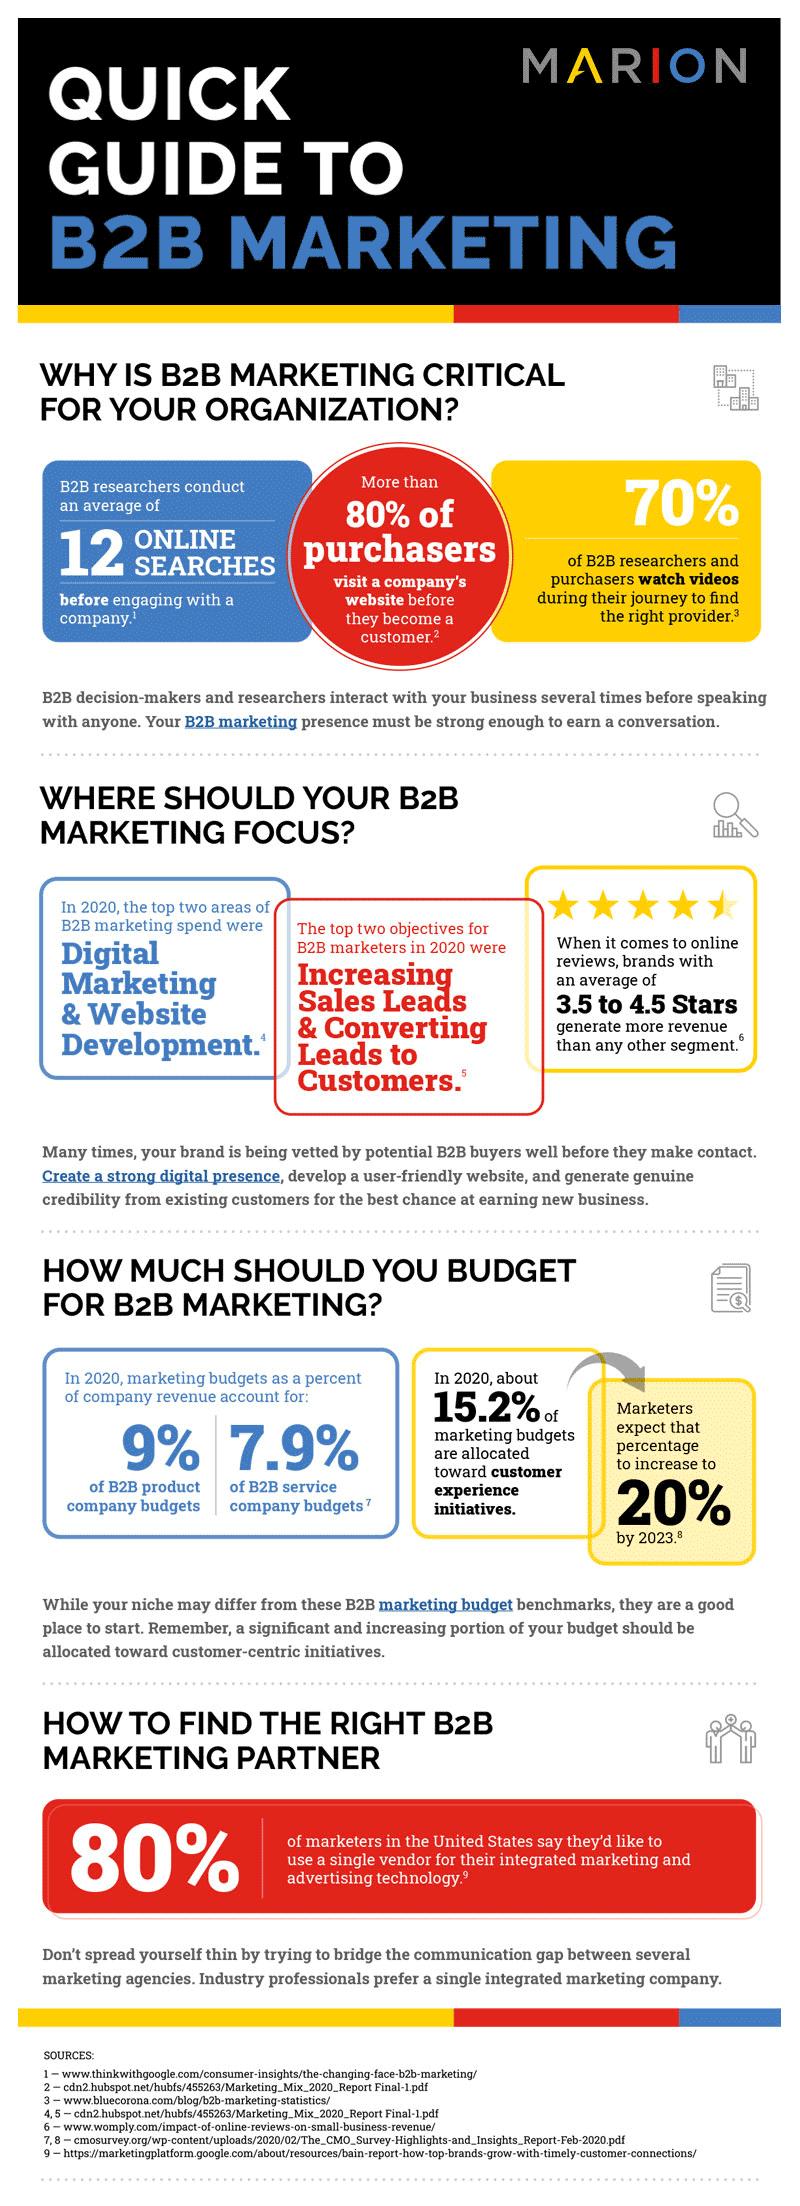 importance of B2B marketing strategies